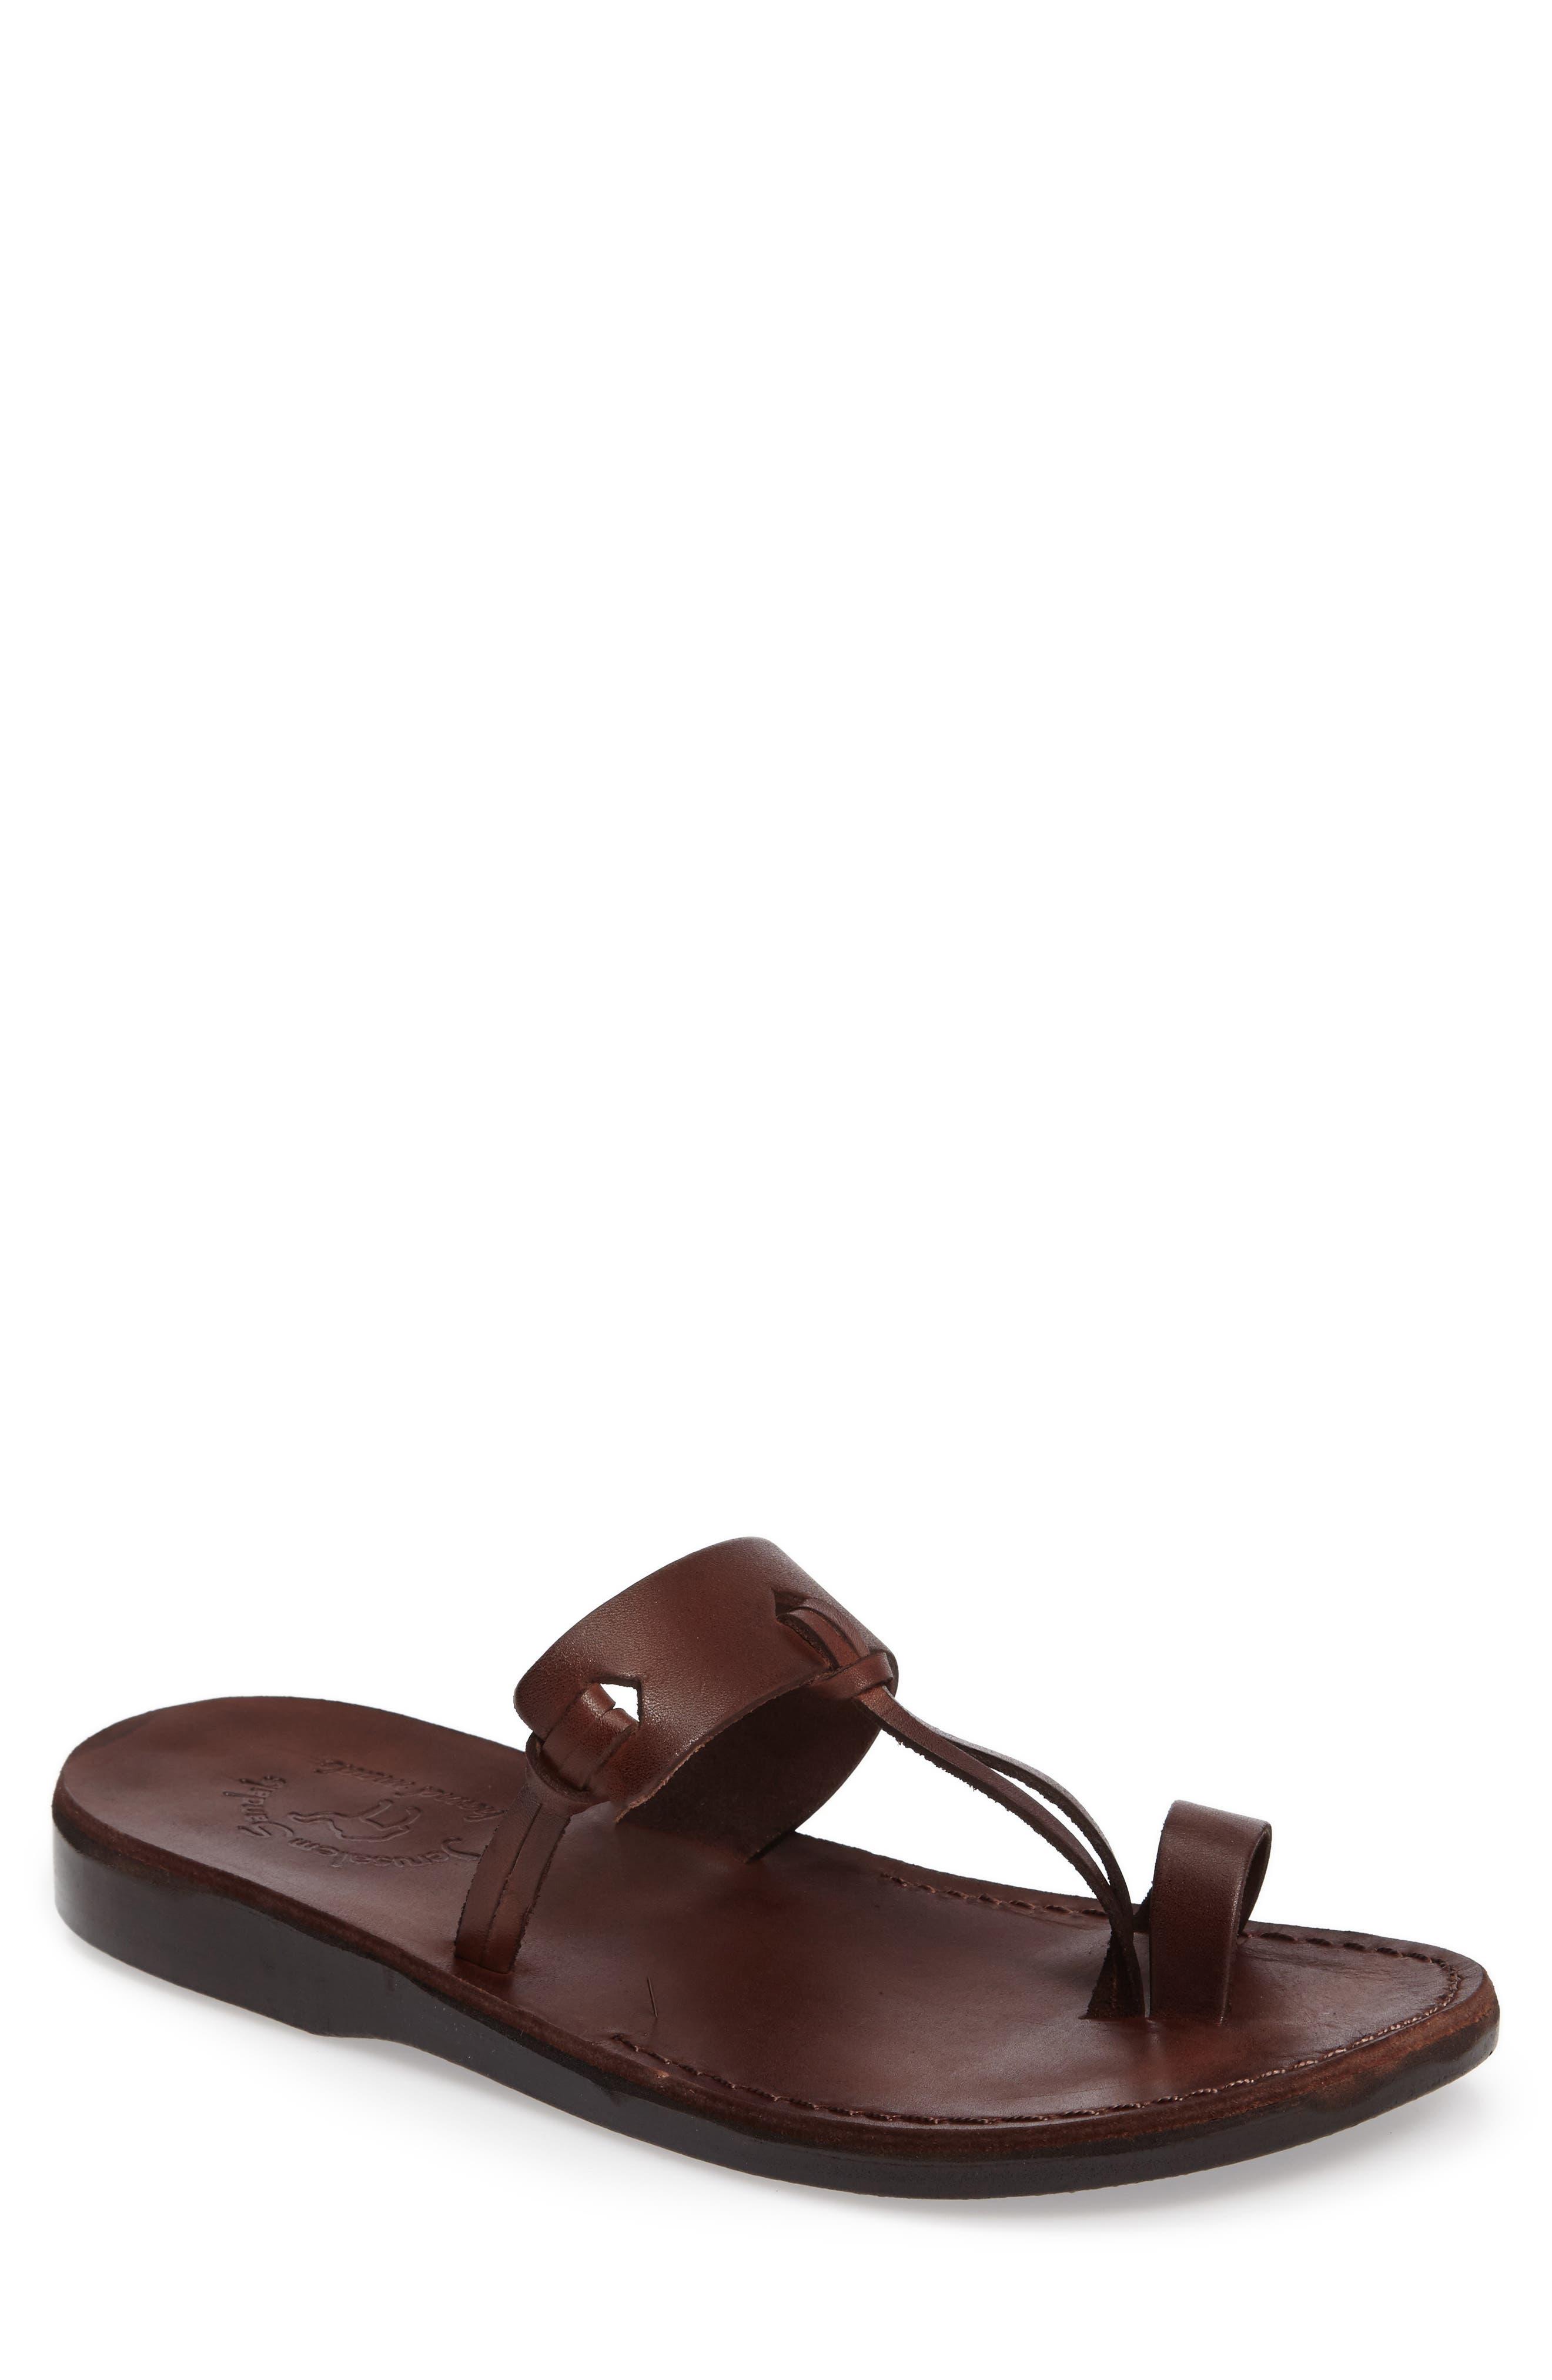 David Toe-Loop Sandal,                             Main thumbnail 1, color,                             Brown Leather